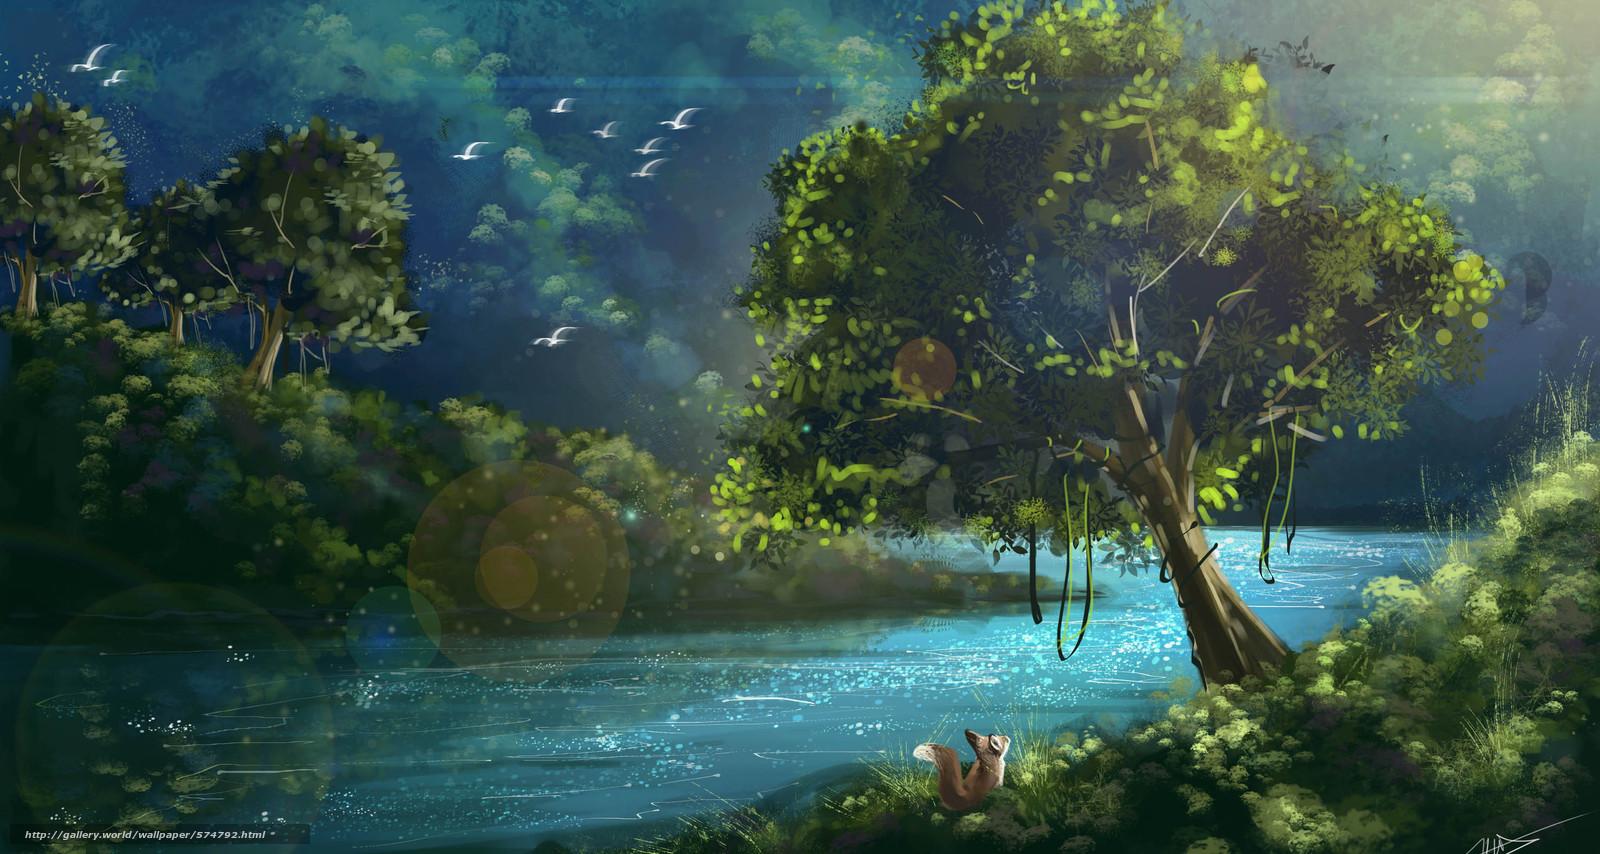 Tlcharger fond d 39 ecran paysage t art arbres fonds d for Fond ecran gratuit paysage ete